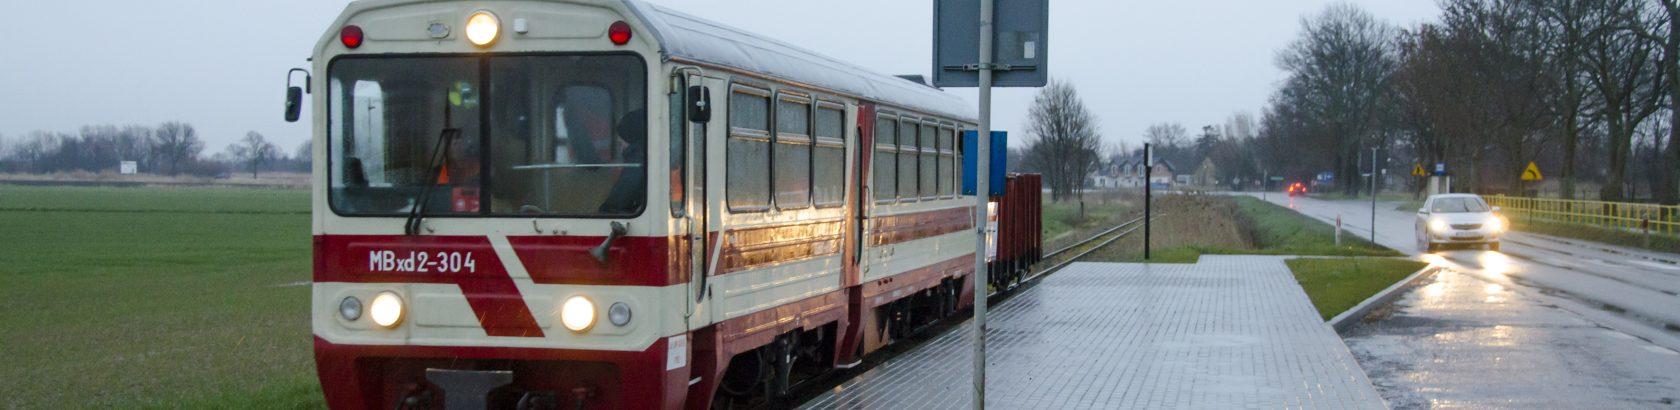 Nowy przystanek kolejowo-autobusowy Cyganek, 29.02.2020. Fot. Przemysław Strzyżewski.